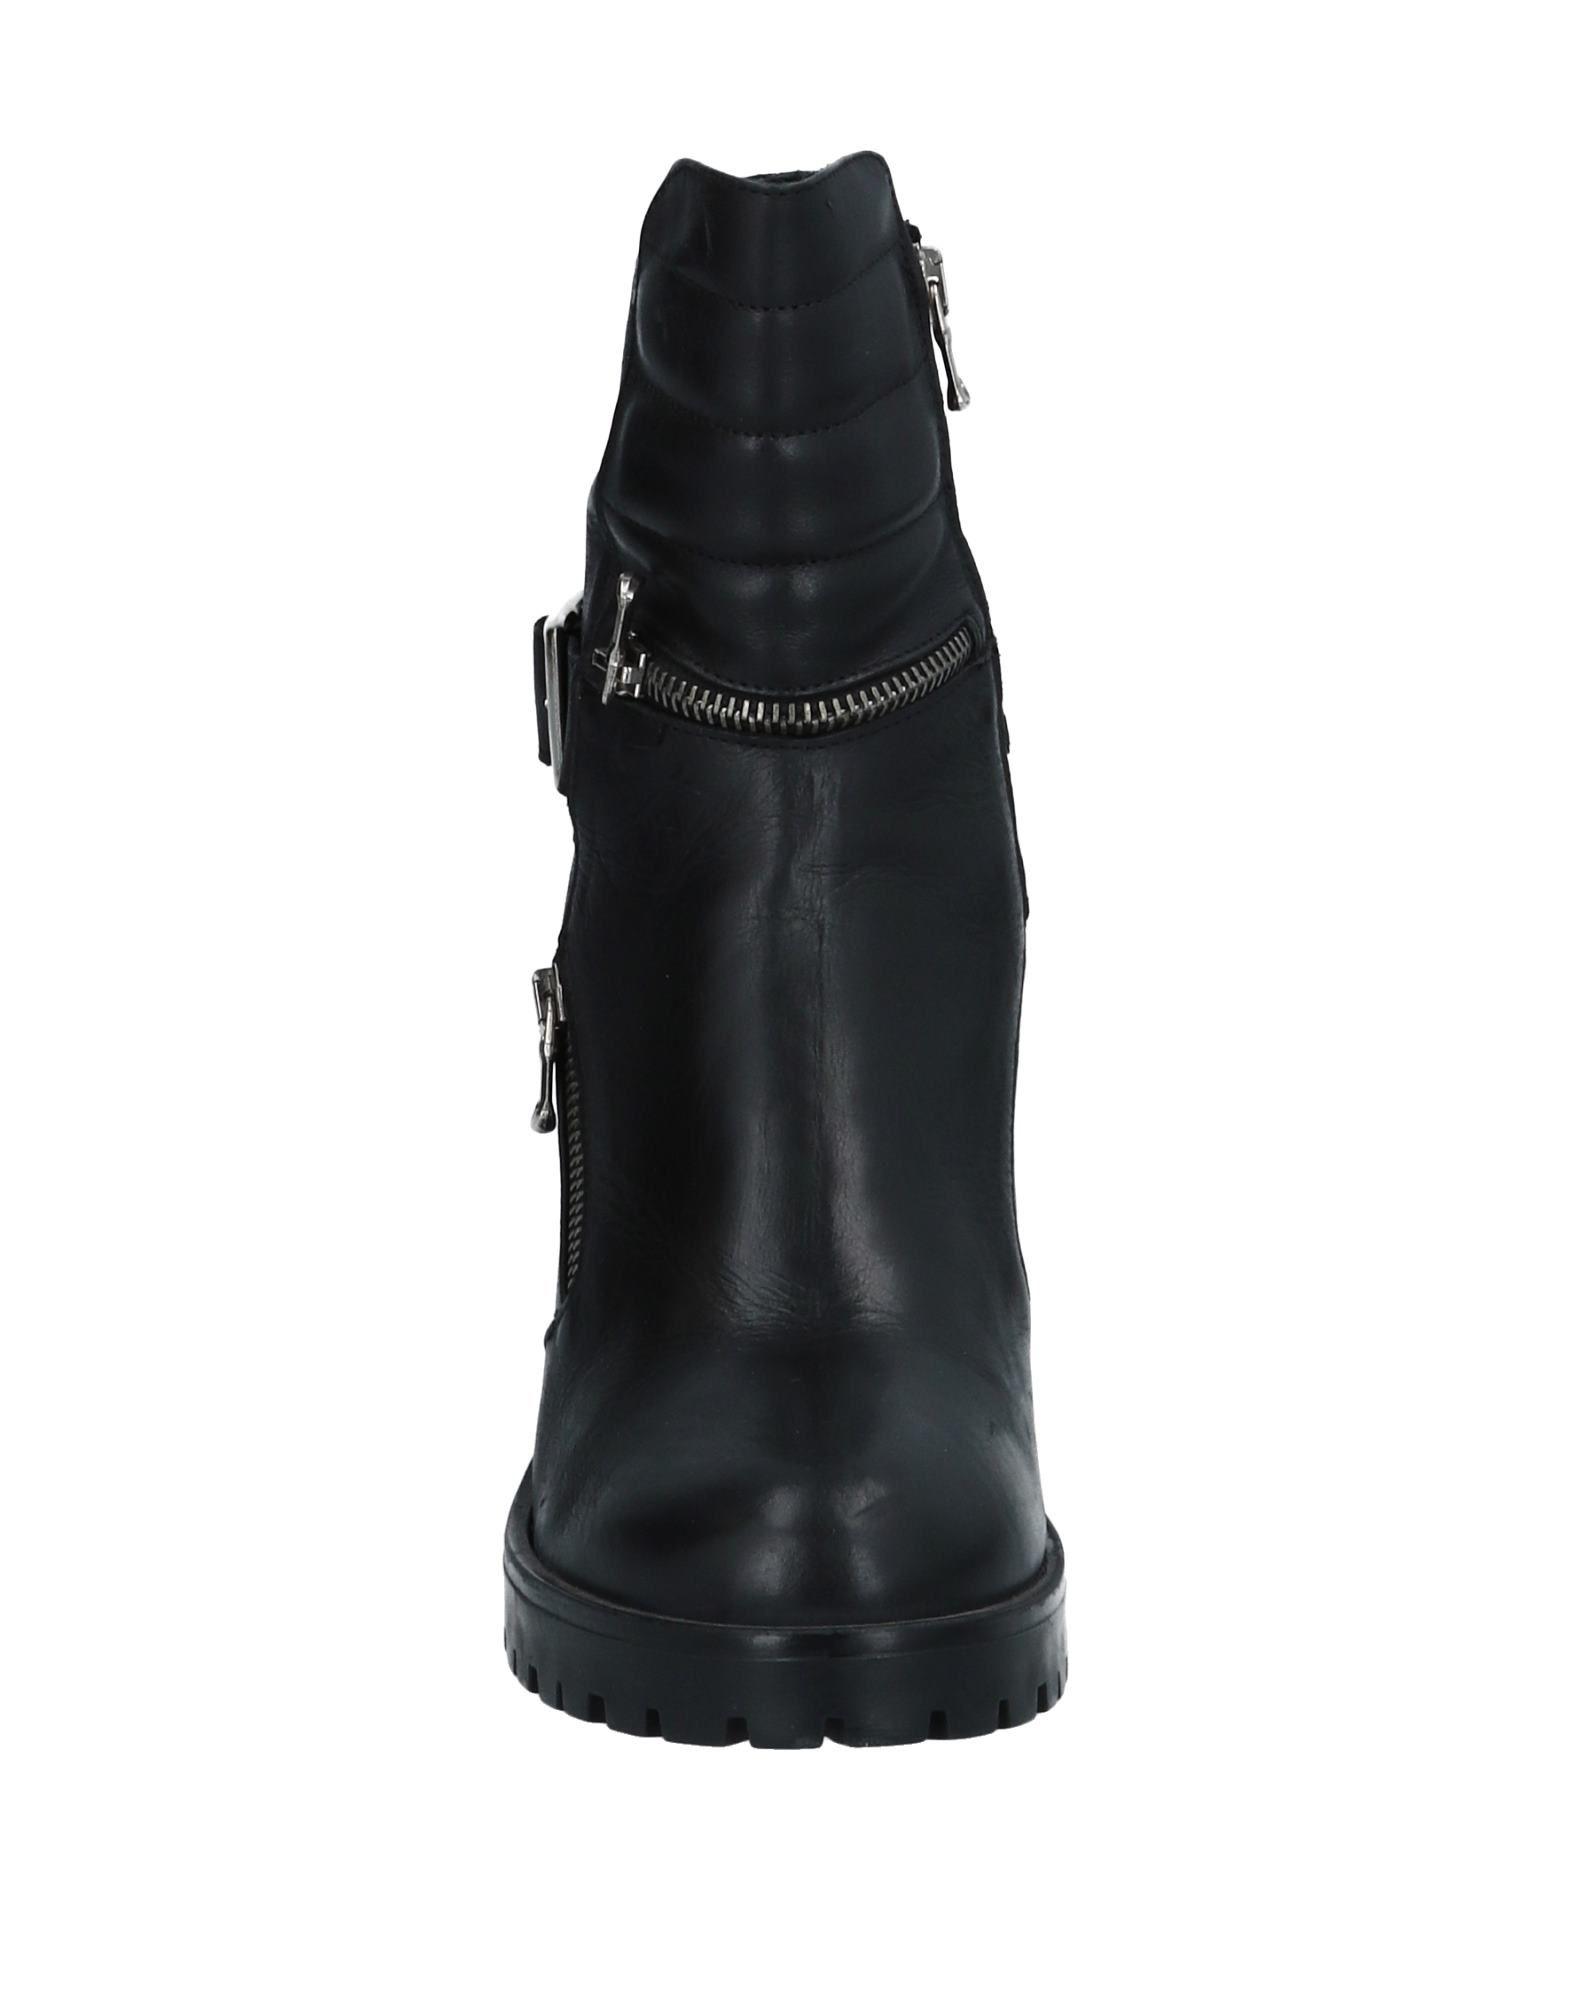 John Bakery Stiefelette Damen    11537679AN Gute Qualität beliebte Schuhe d35c18